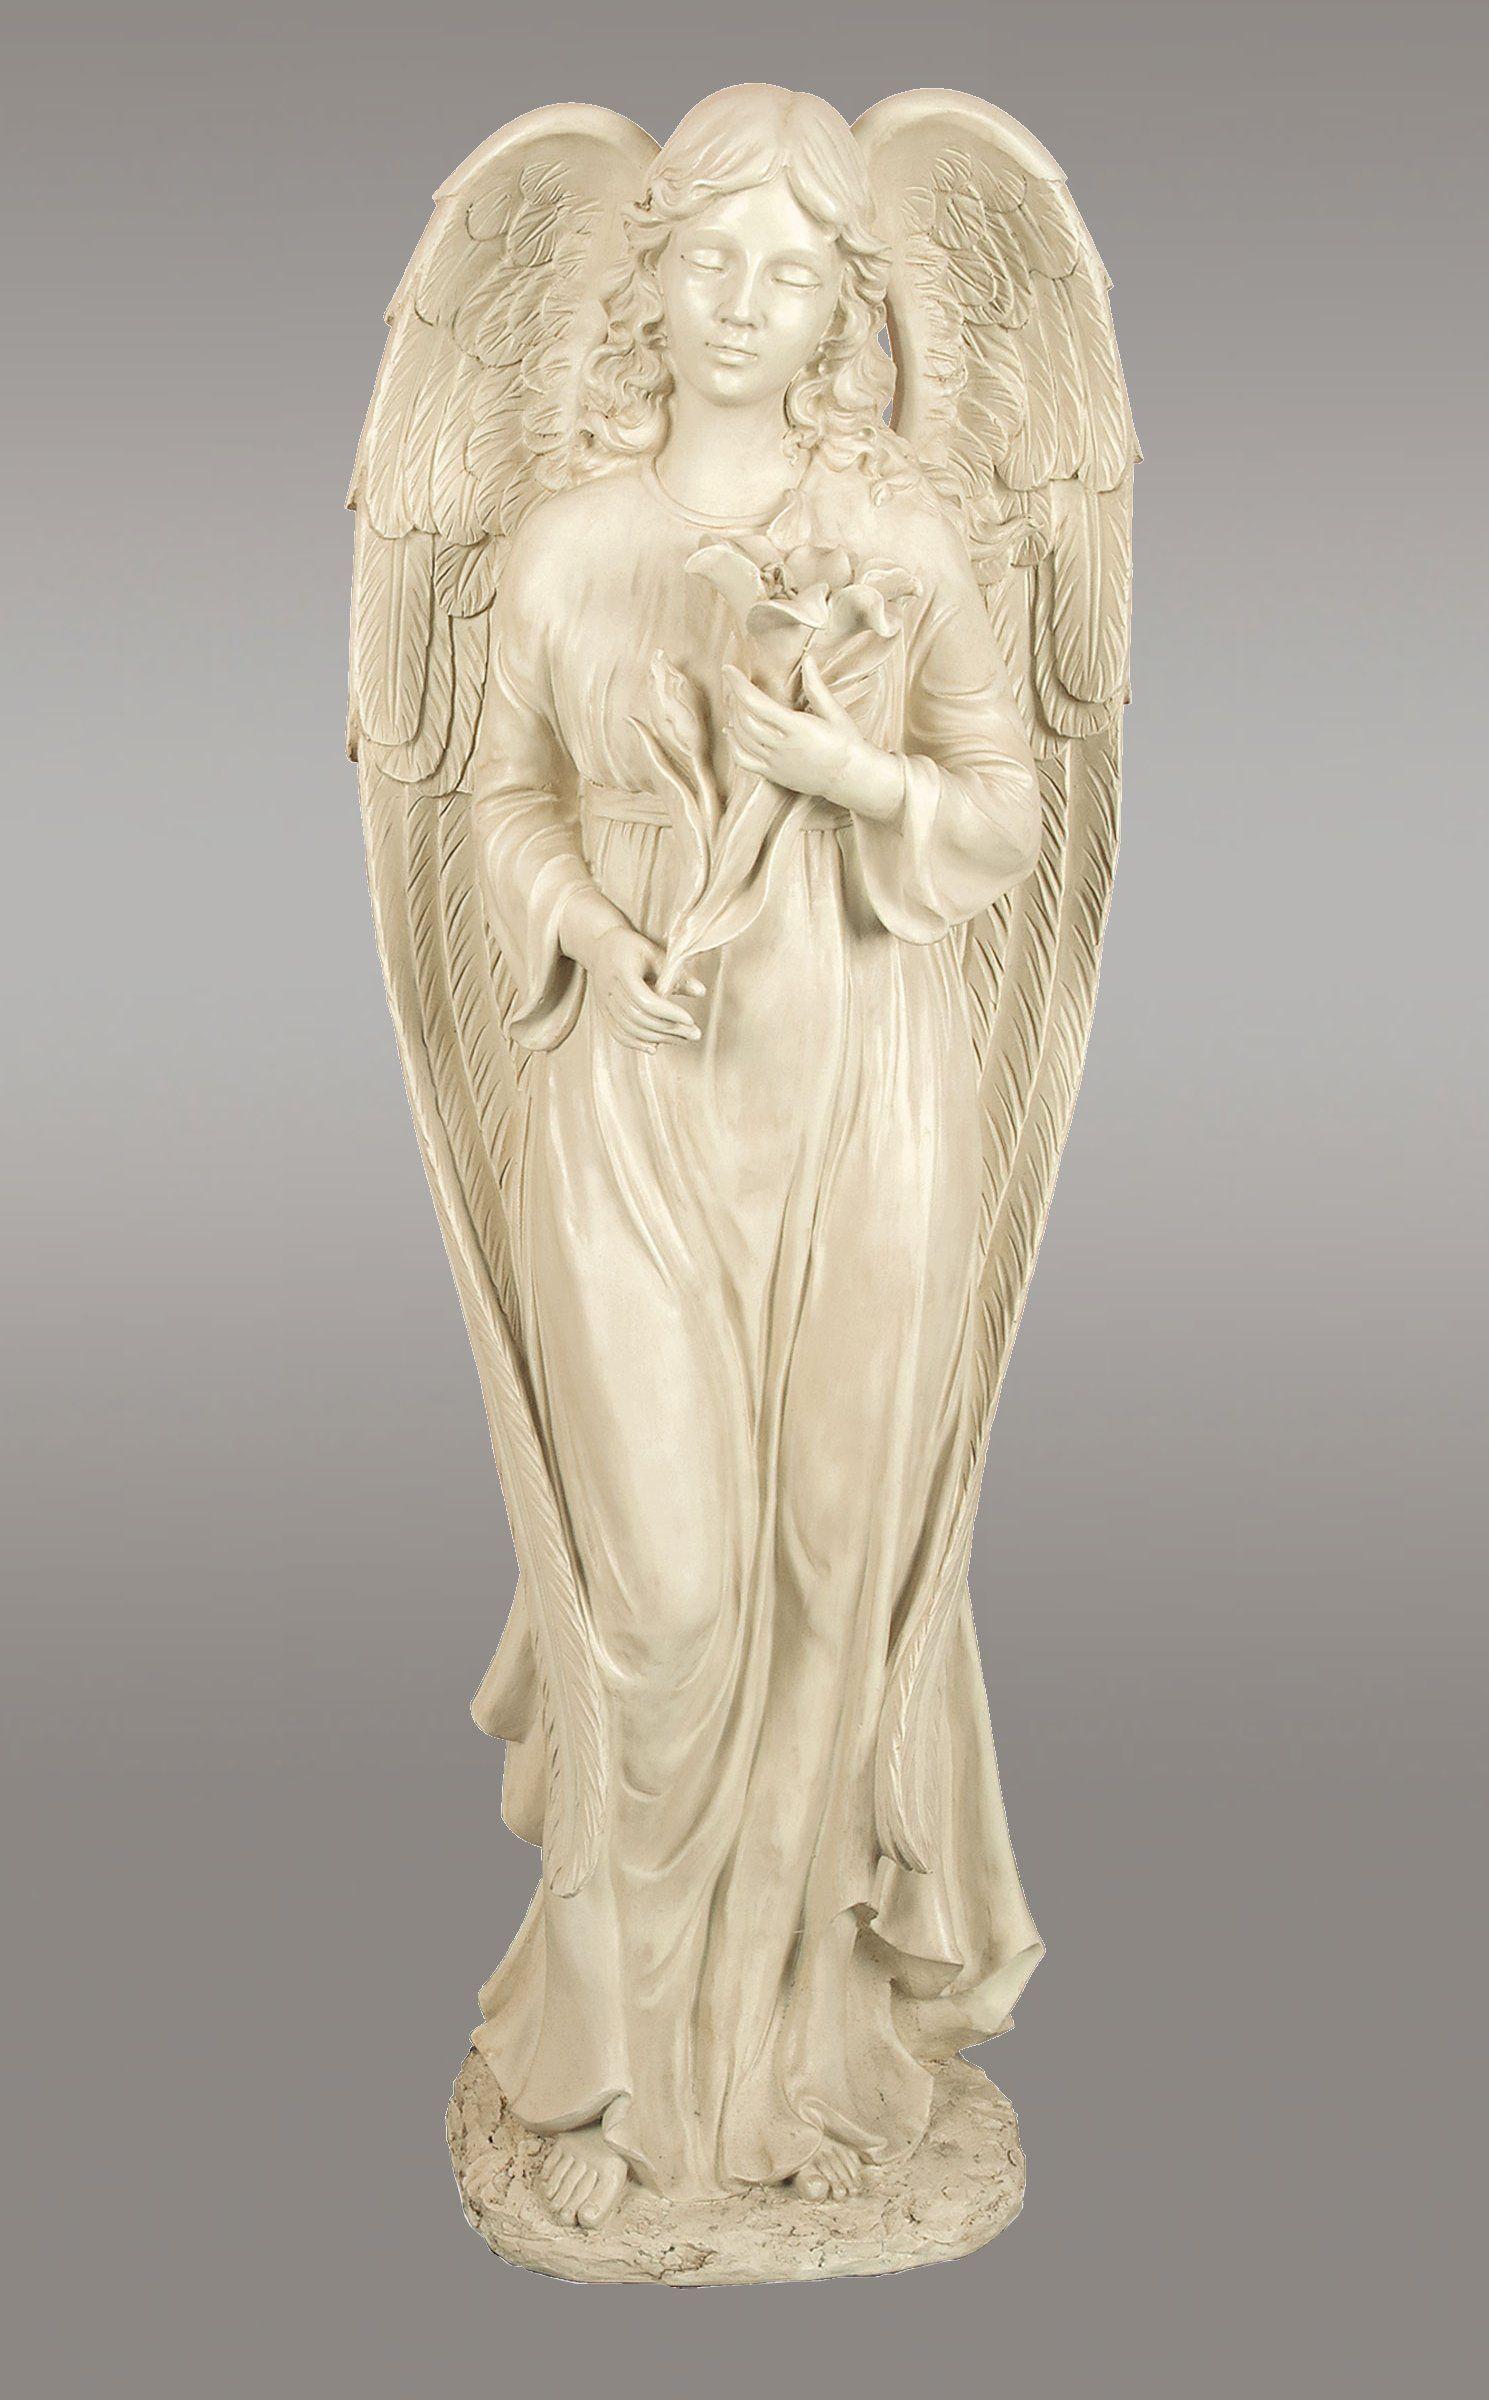 Divine Grace Garden Angel Statue Buy Angel Statues Here Over 4